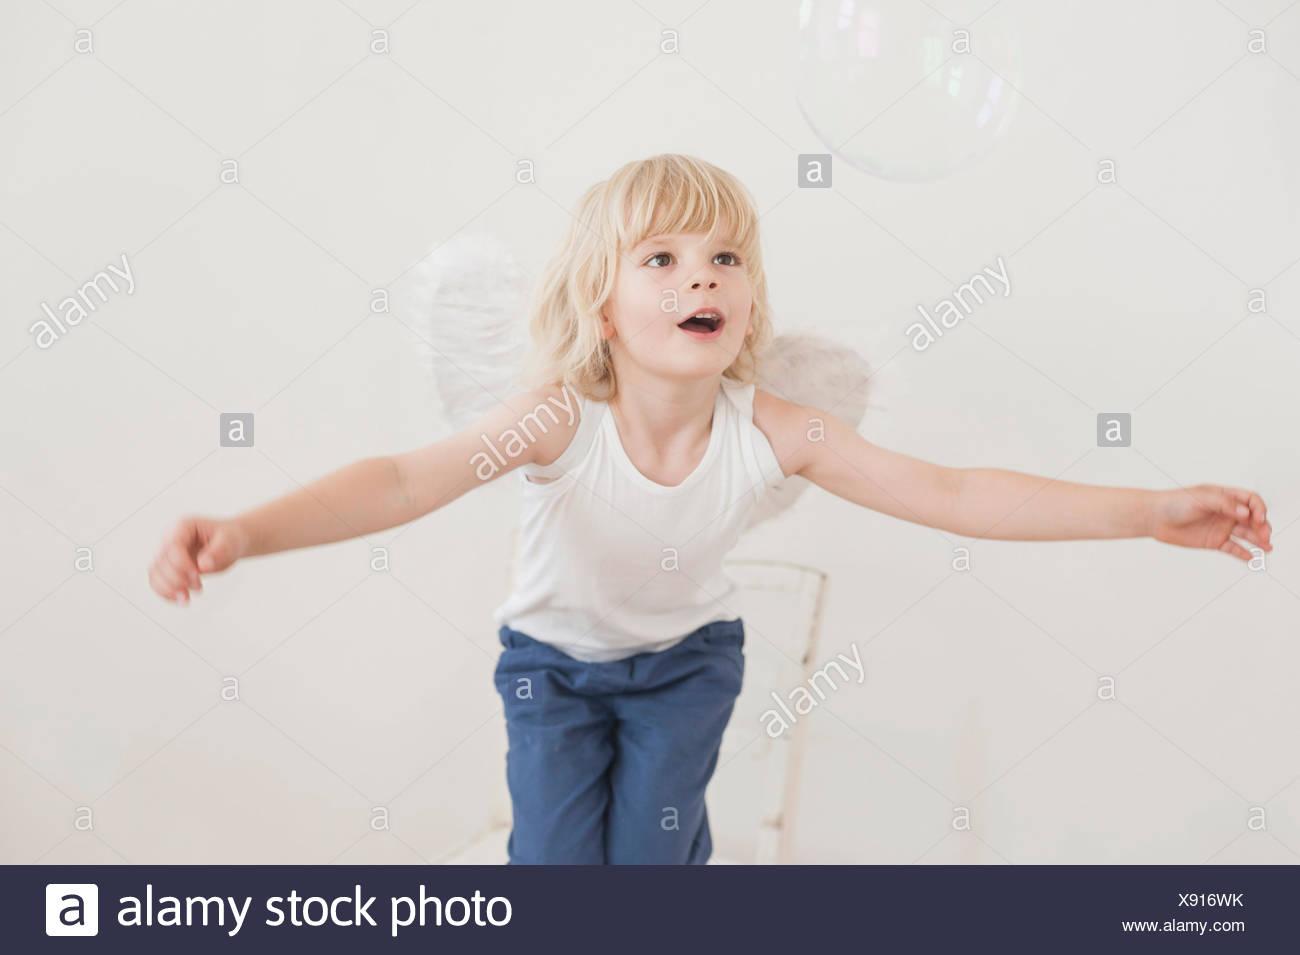 Ritratto di schiusi little boy con angolo ali guardando una bolla di sapone Immagini Stock